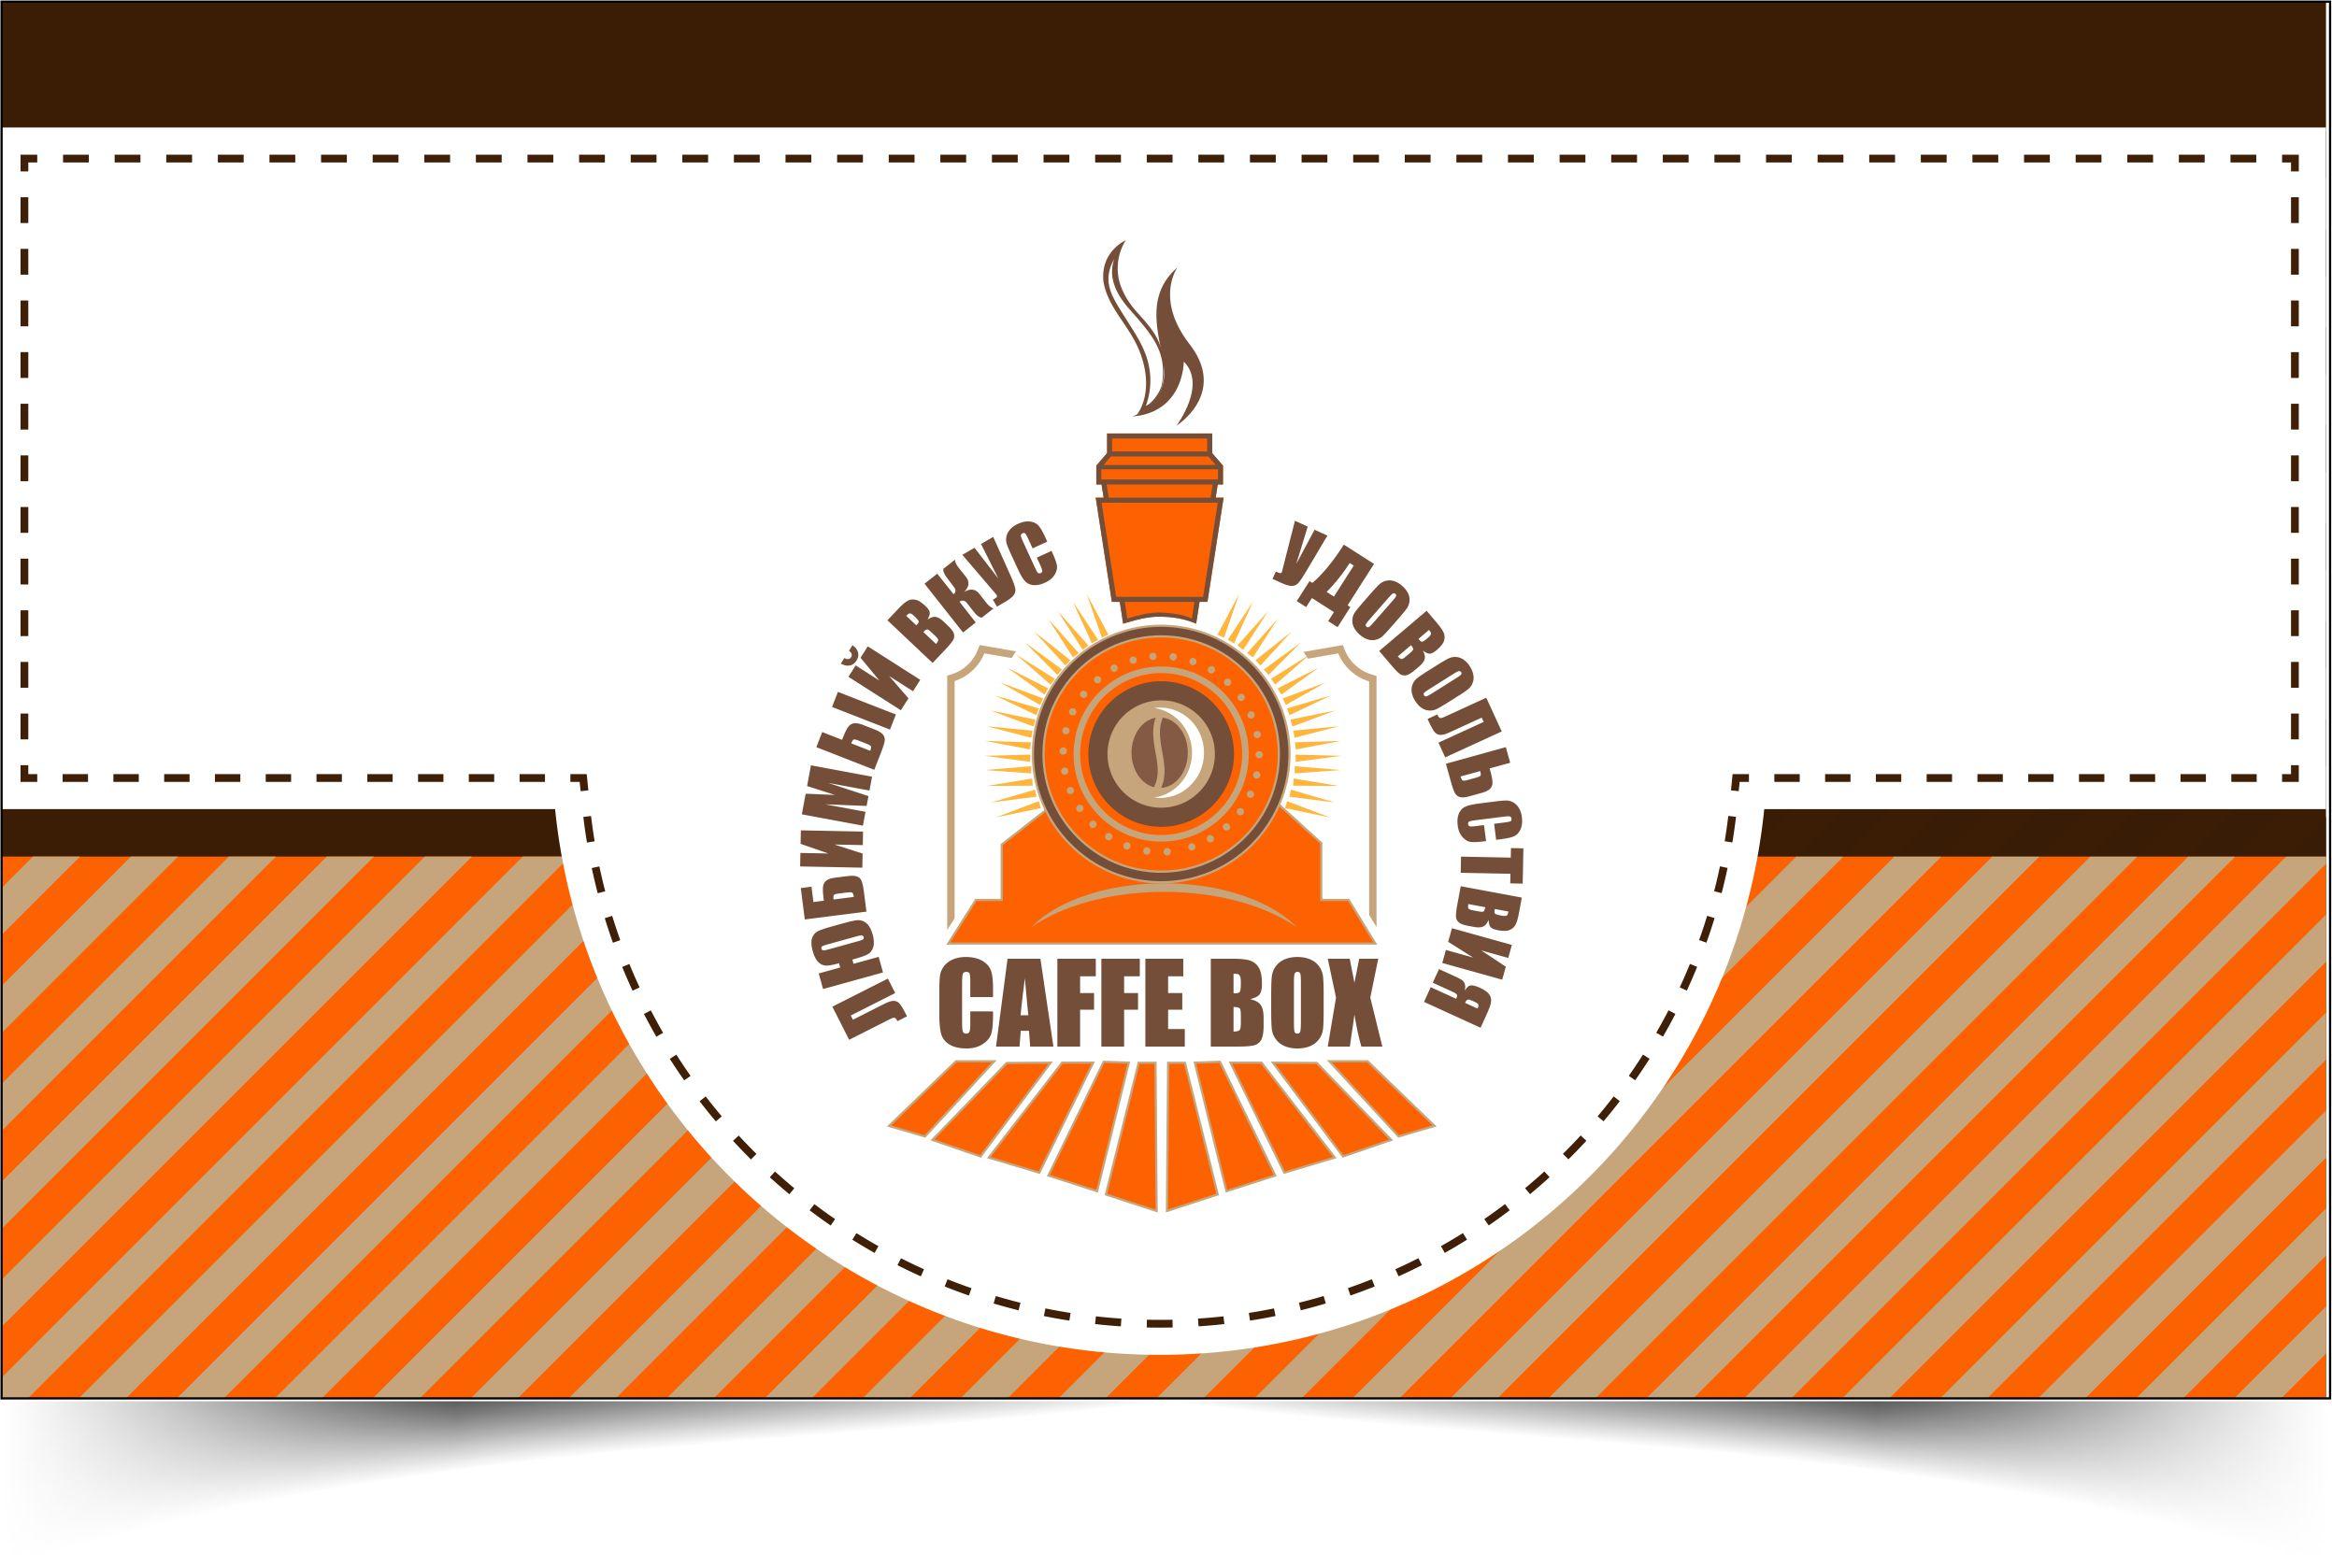 Требуется очень срочно разработать логотип кофейни! фото f_0165a12d2ee397df.jpg